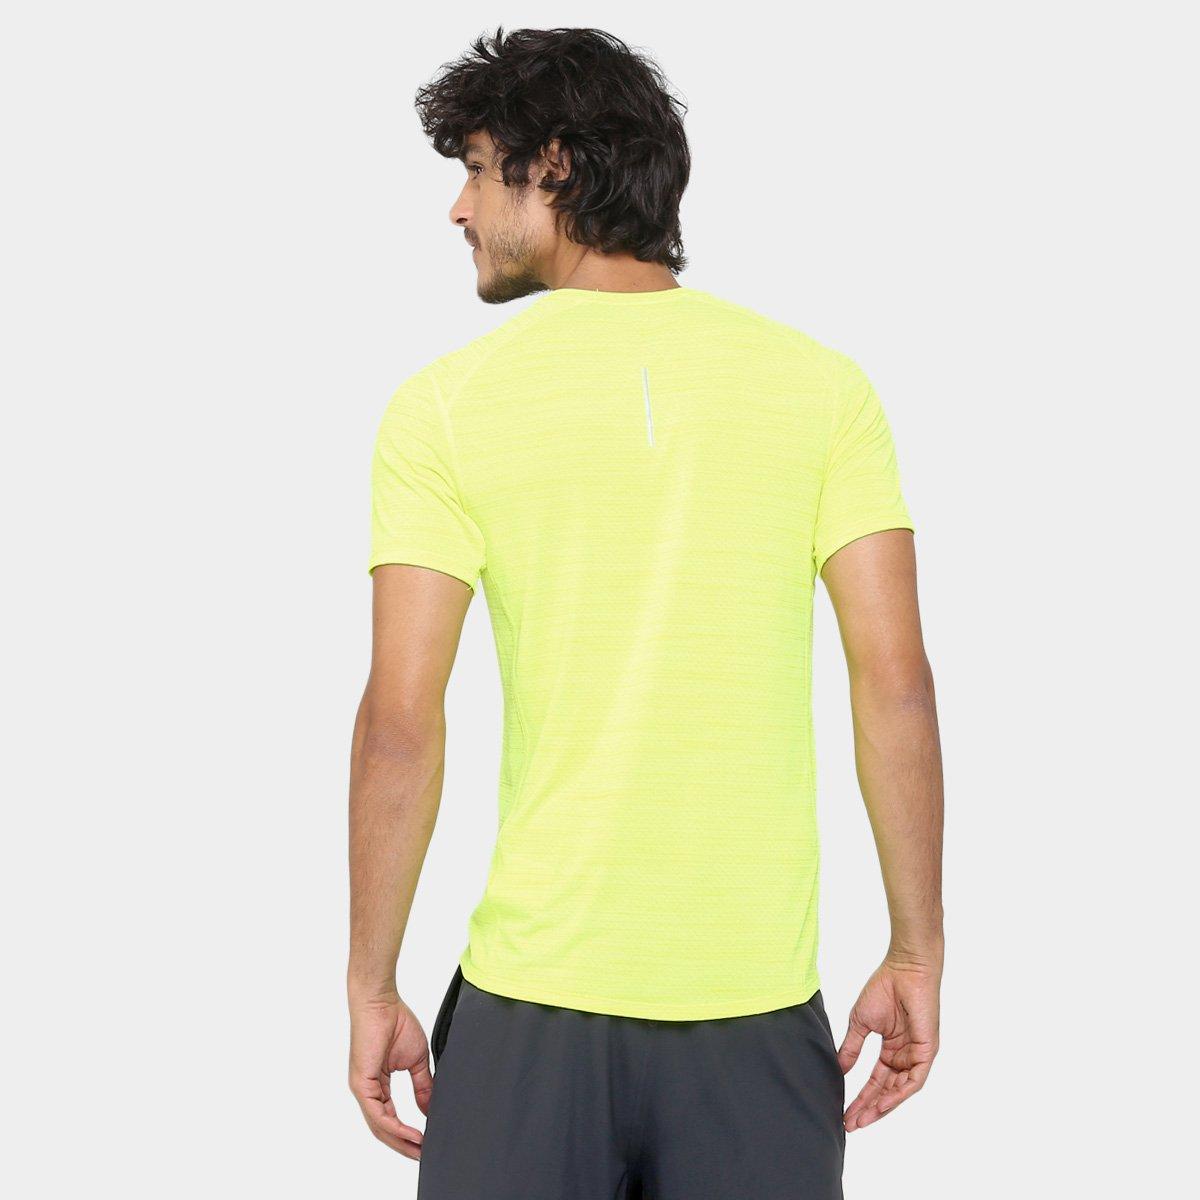 534e4aab21 Camiseta Nike Dri-Fit Cool Miler SS Masculina - Compre Agora